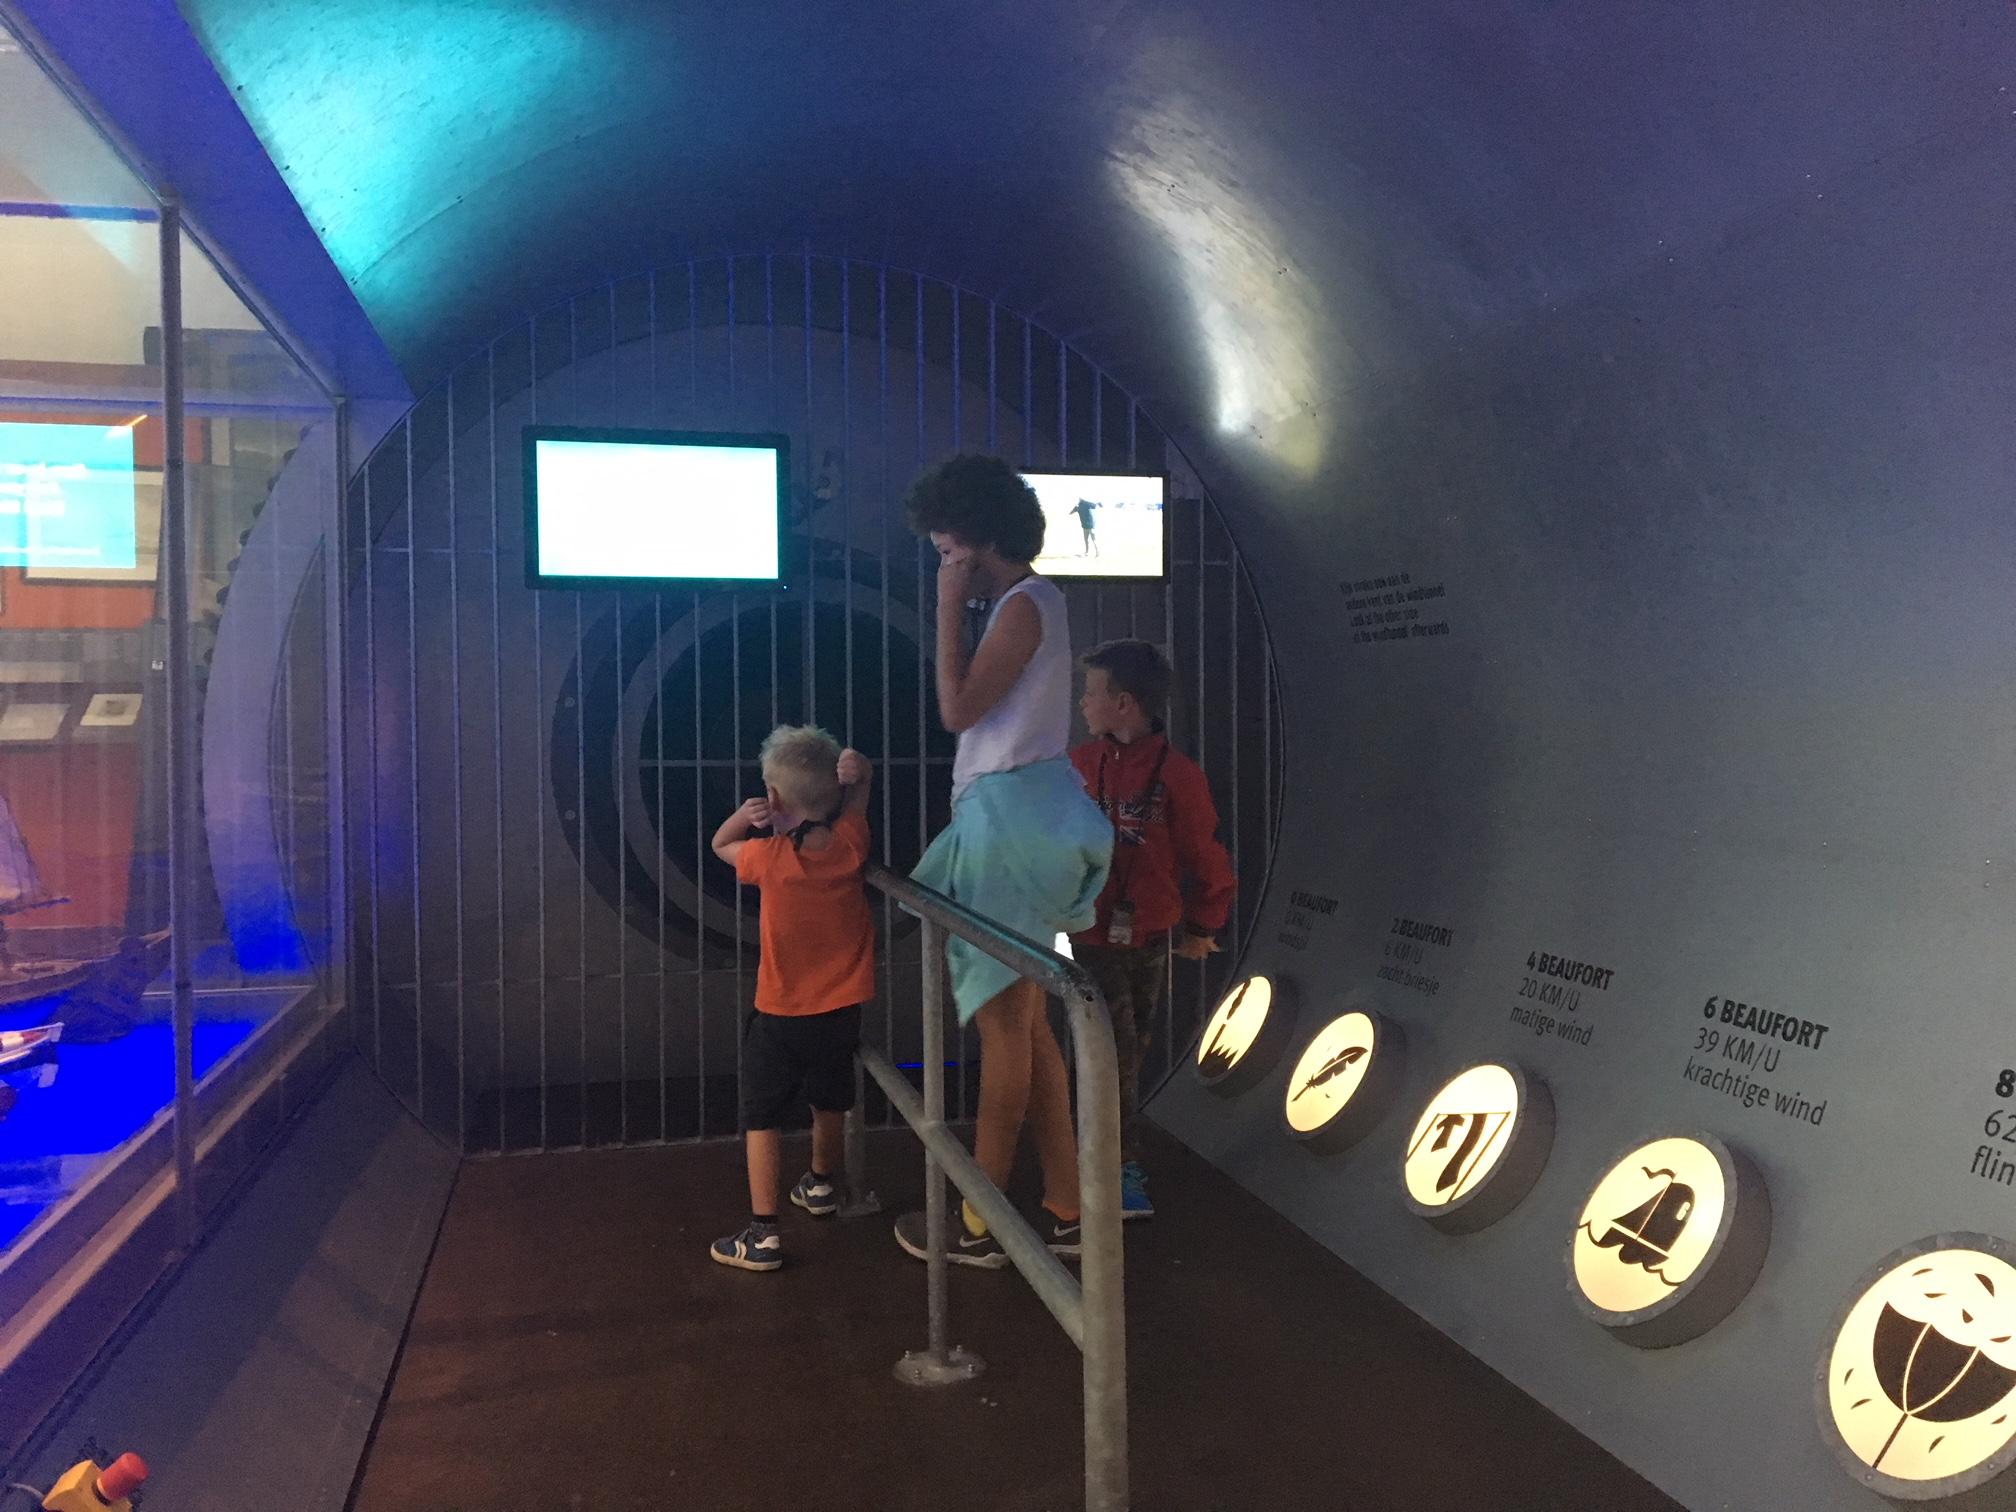 In de windtunnel voelen we hoe een forse storm voelt.